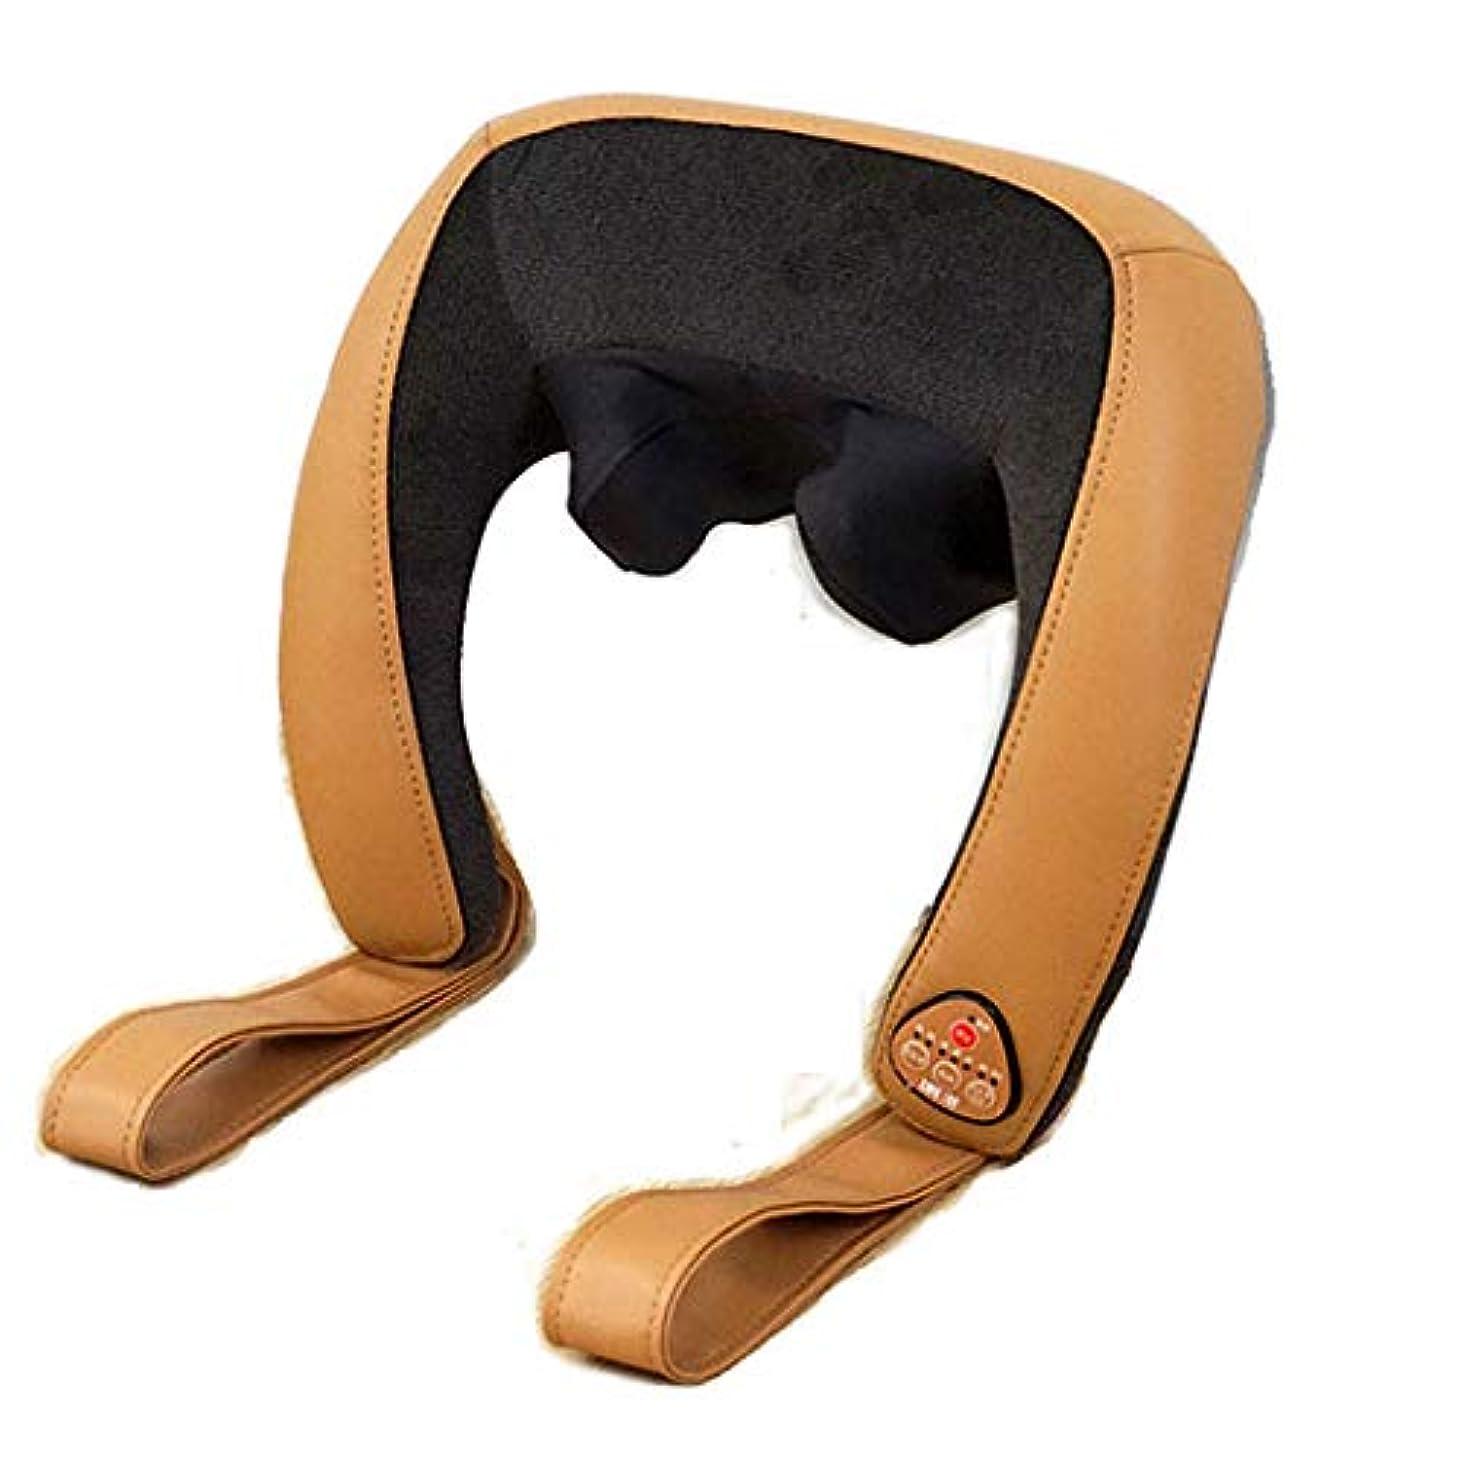 フィドル通訳テーブルを設定するLIFE FIT ライフフィット 親孝行 マッサージ器 「もみたたき機能搭載」首?肩マッサージ 肩こり改善